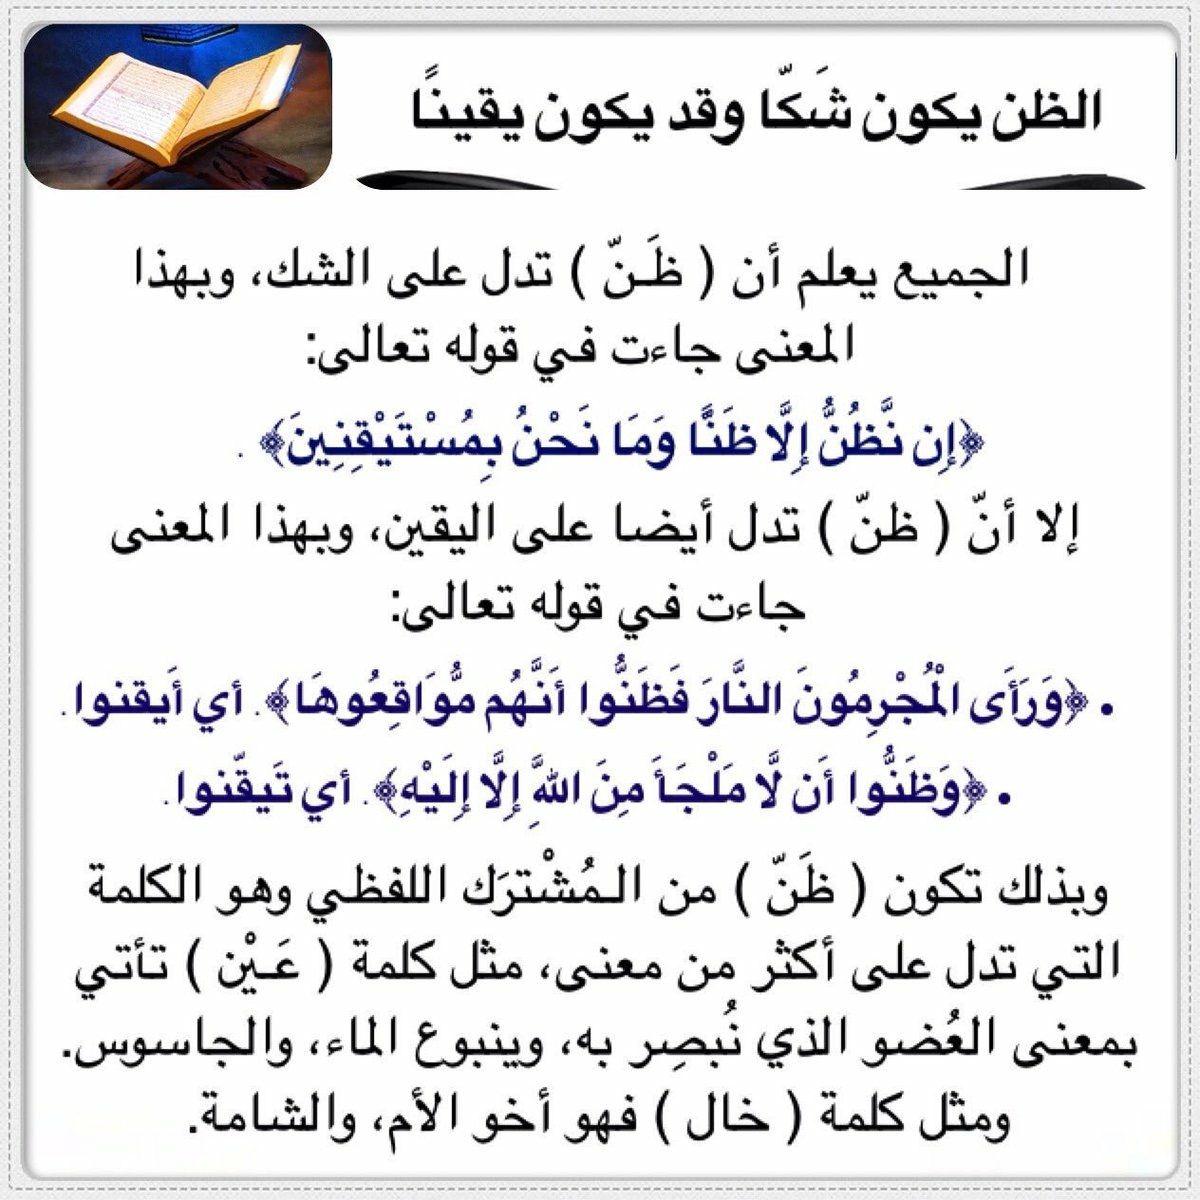 المشترك اللفظي في القرآن Mindfulness Wisdom Mind Map